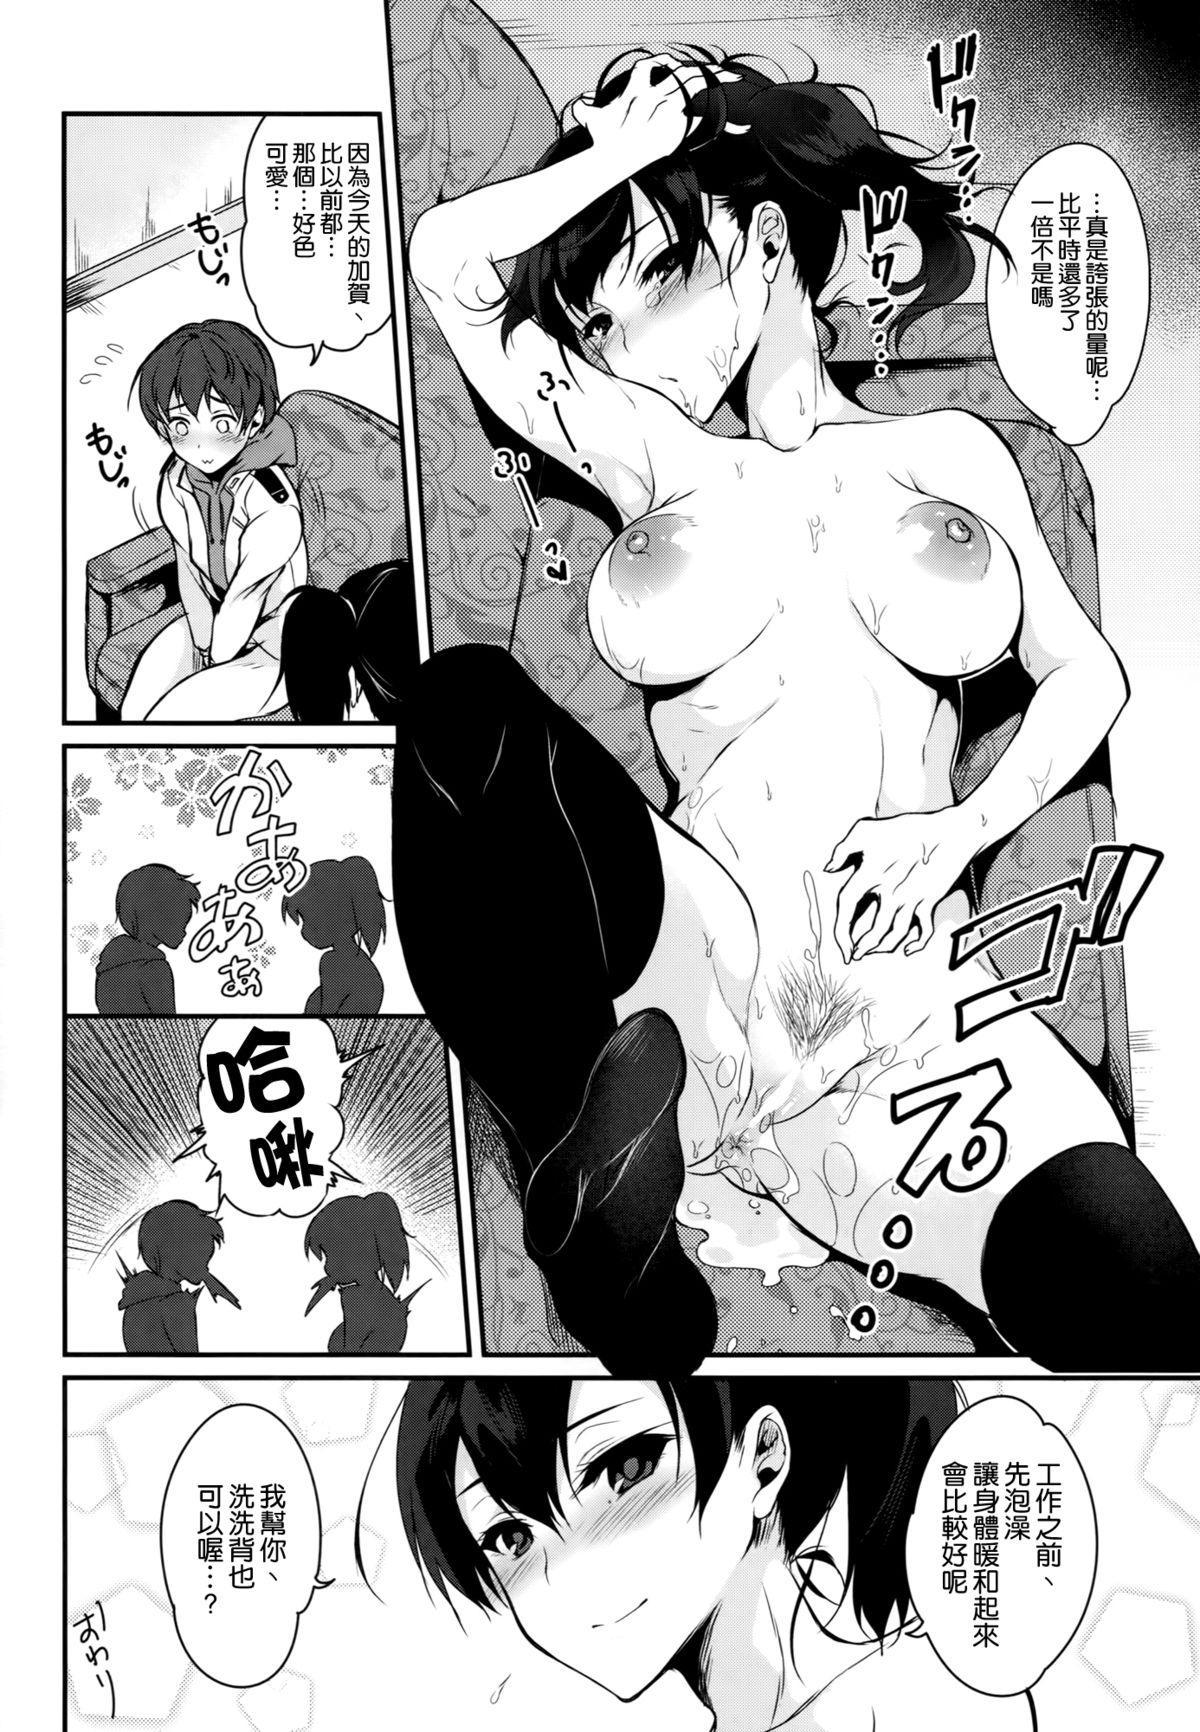 Hatsujou Kuubo Kaga 19